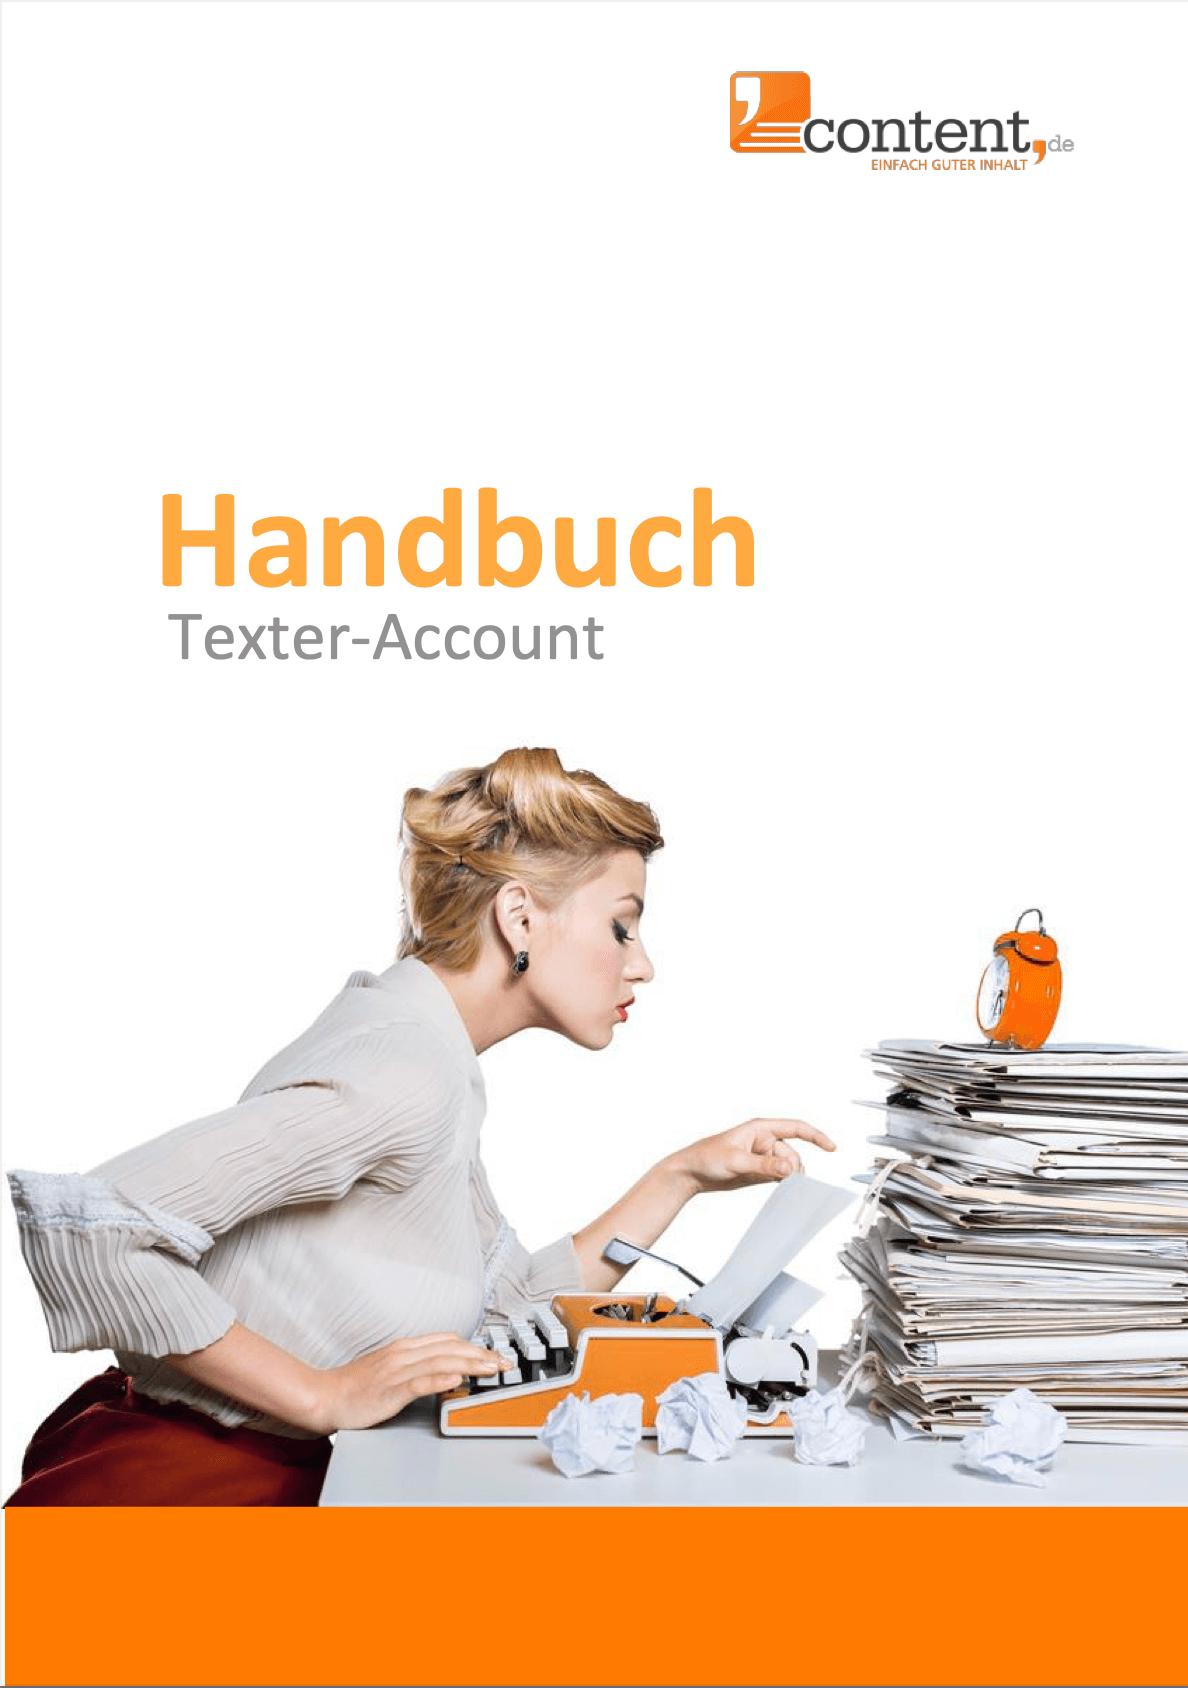 Das Handbuch zum Texter-Account bei content.de